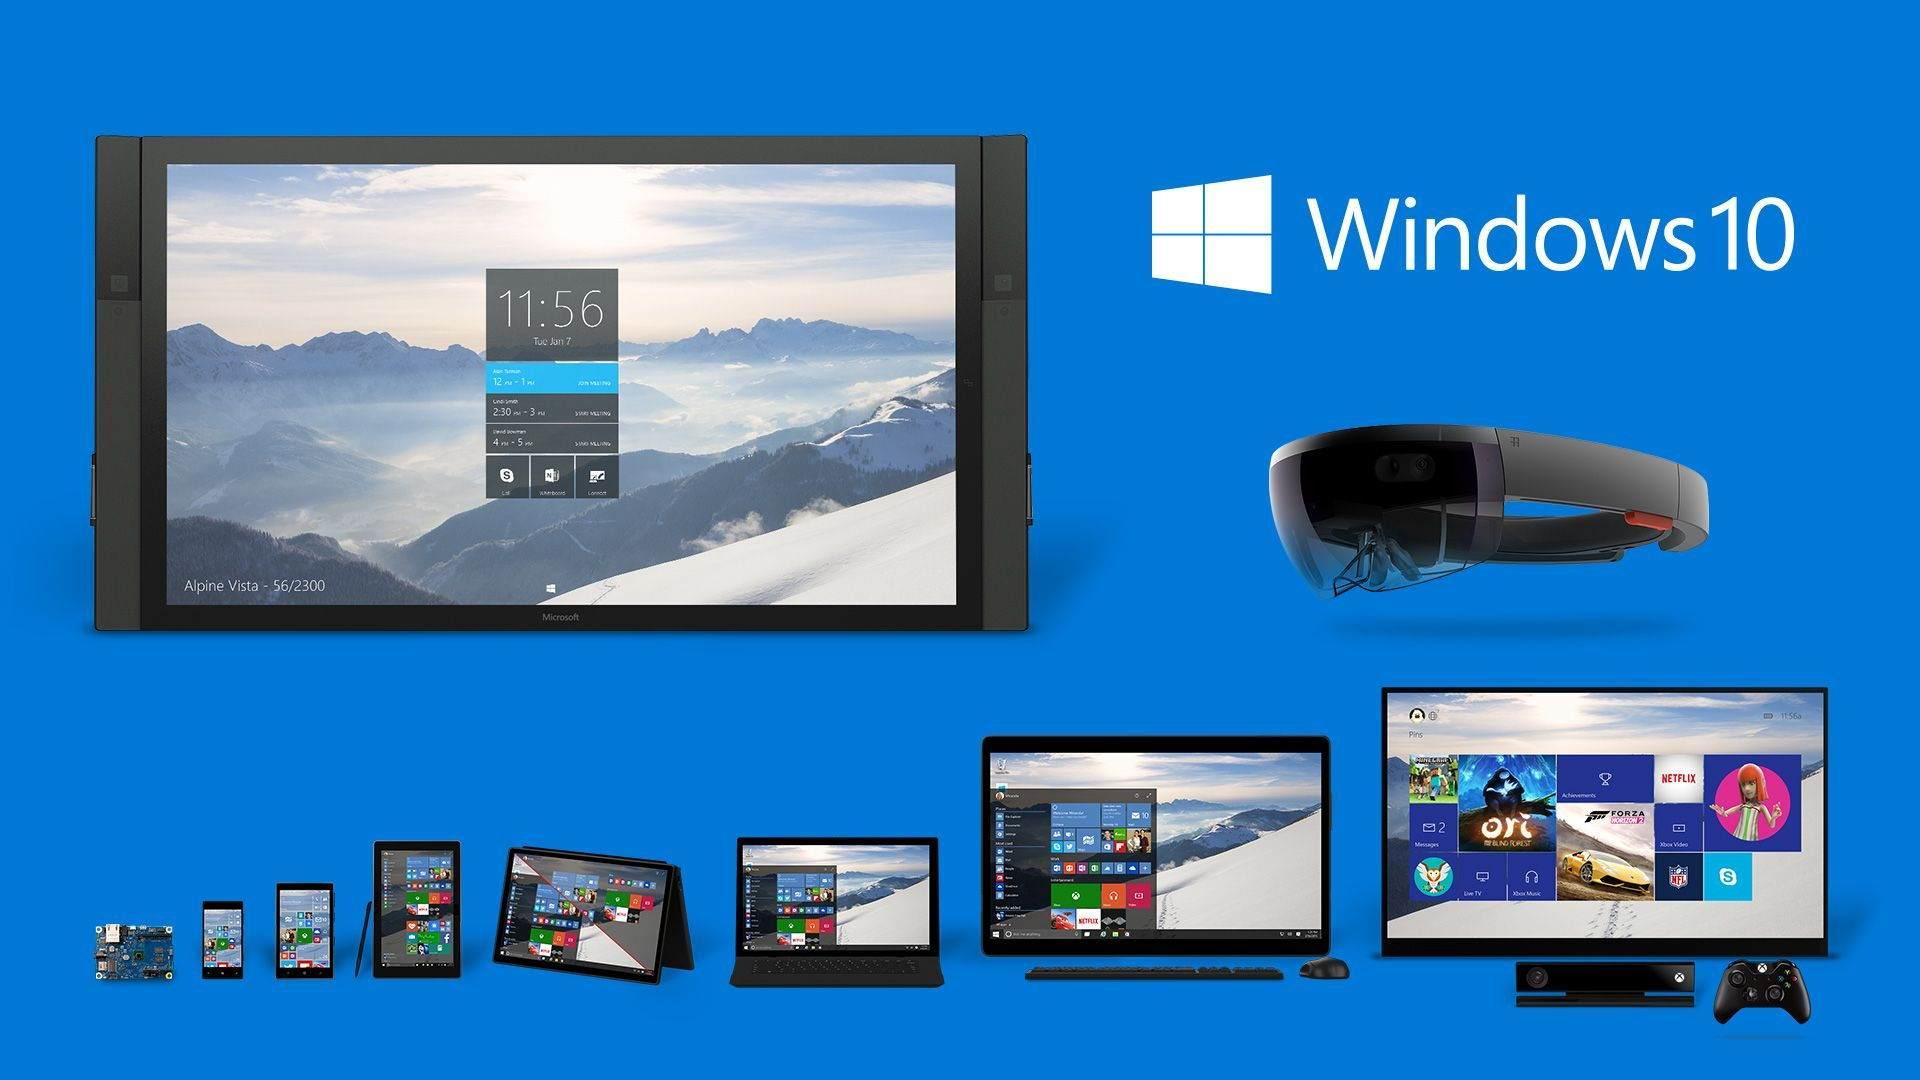 Windows 10'da Internet Veri Kullanımını Nasıl Görebilirsiniz